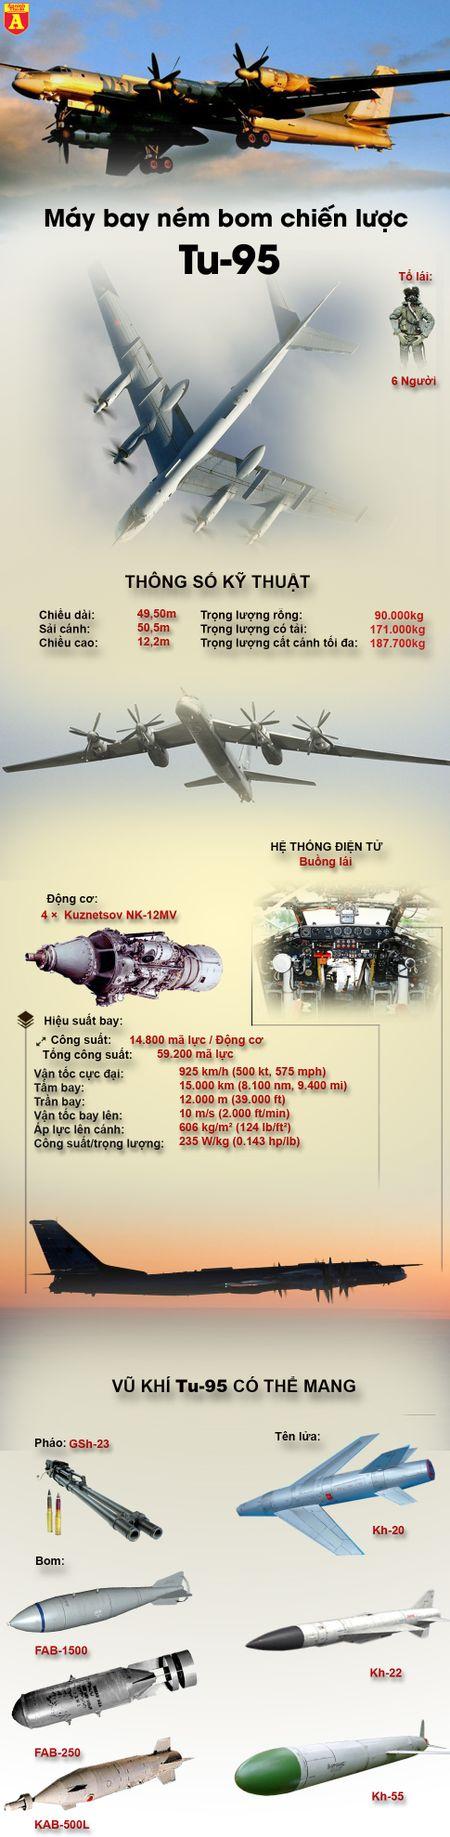 Tai sao Nga tiep tuc su dung Tu-95 cho vai tro may bay nem bom chien luoc? - Anh 2